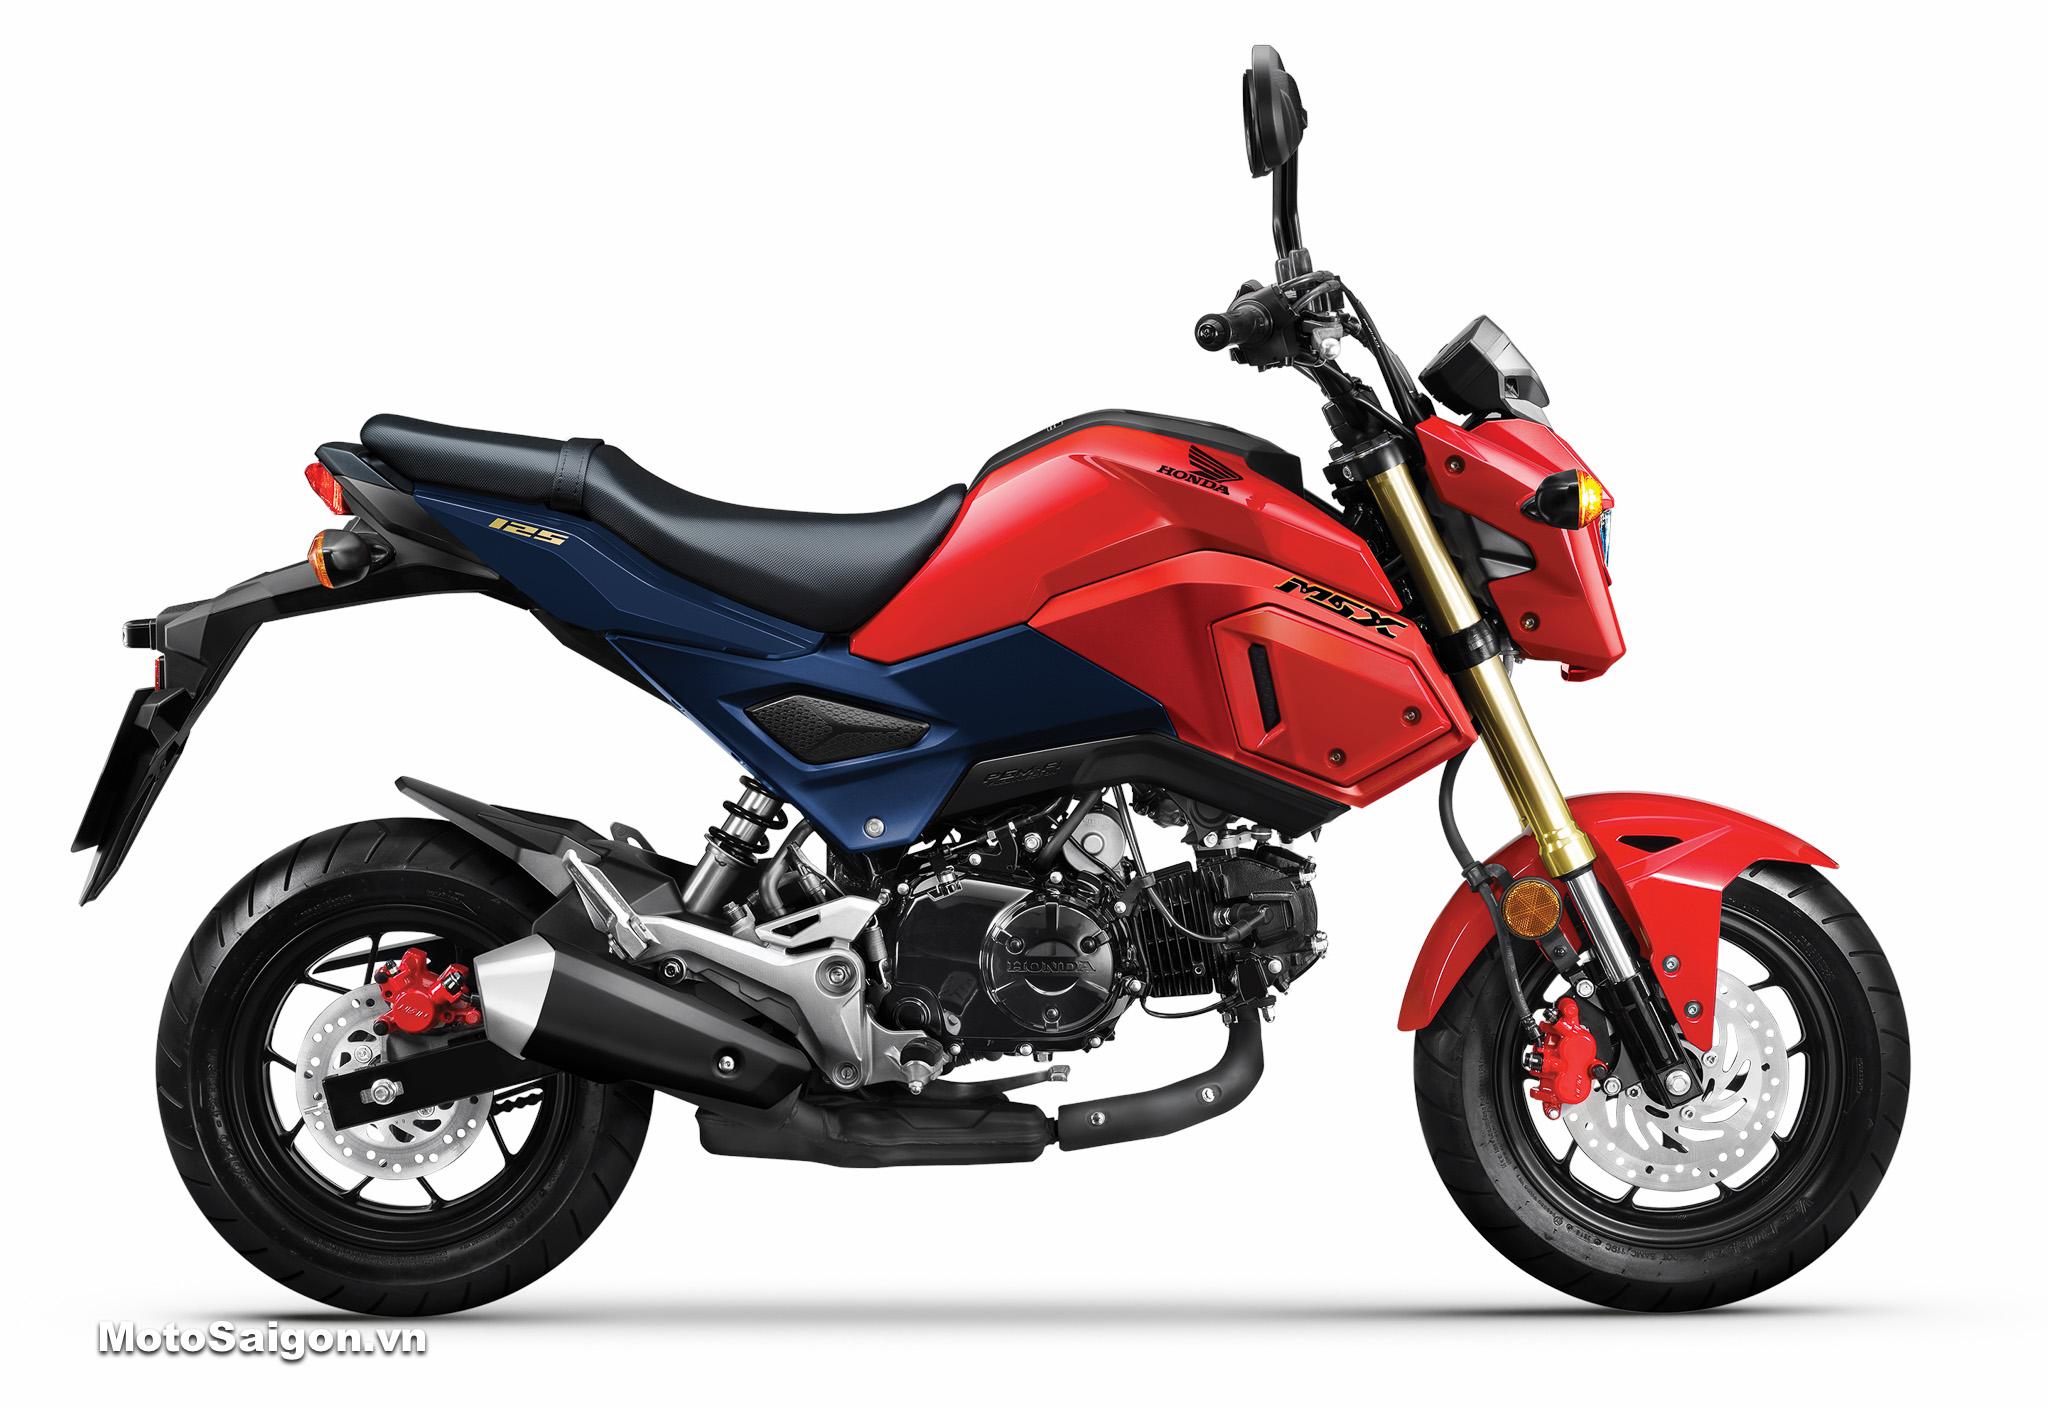 Honda MSX 125 2020 màu xanh đen đỏ